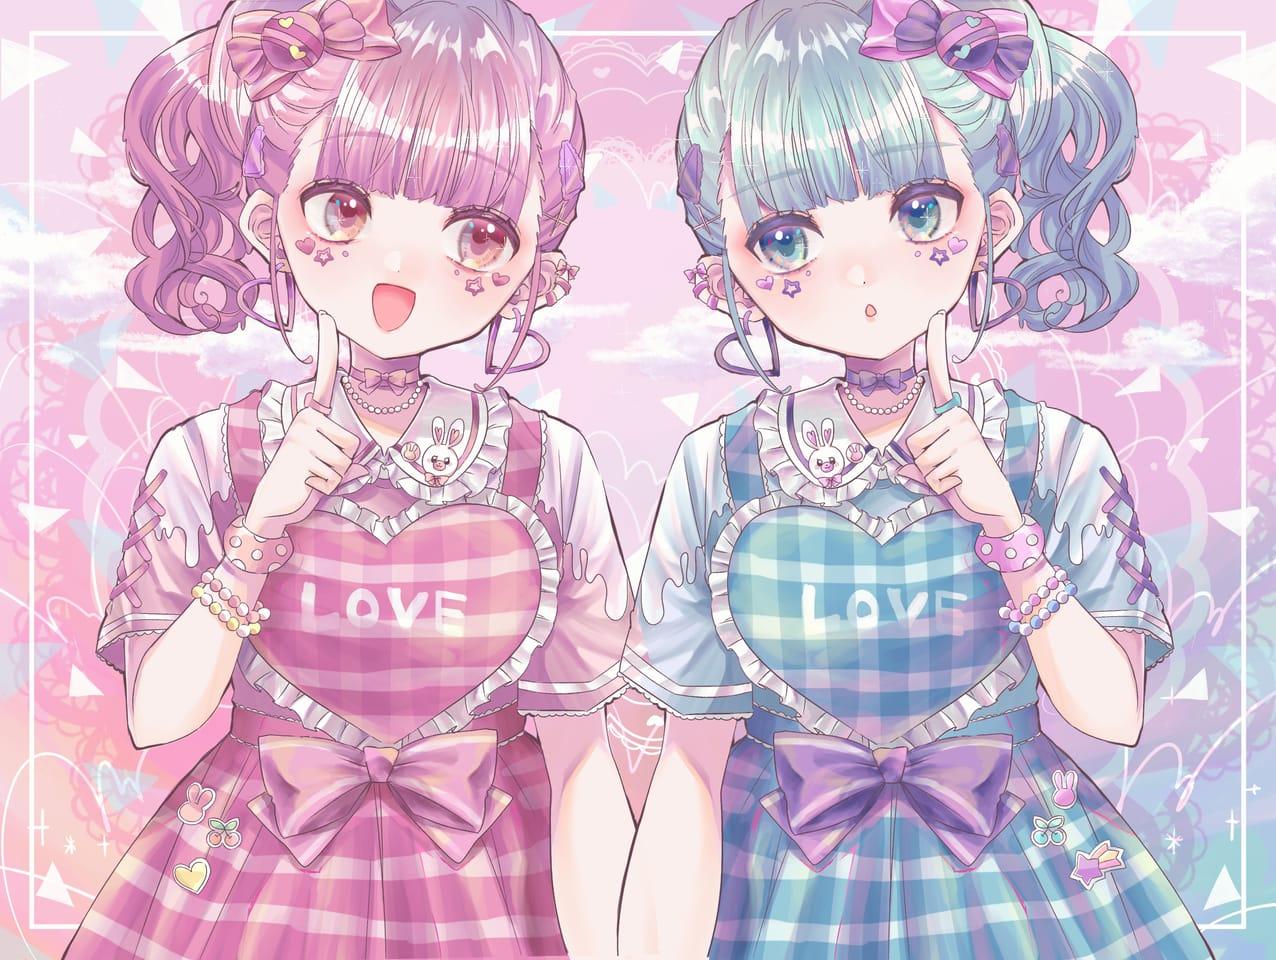 ツインズ Illust of 知花そら ARTstreet_Ranking_Contest oc girl 創作少女 original 創作イラスト